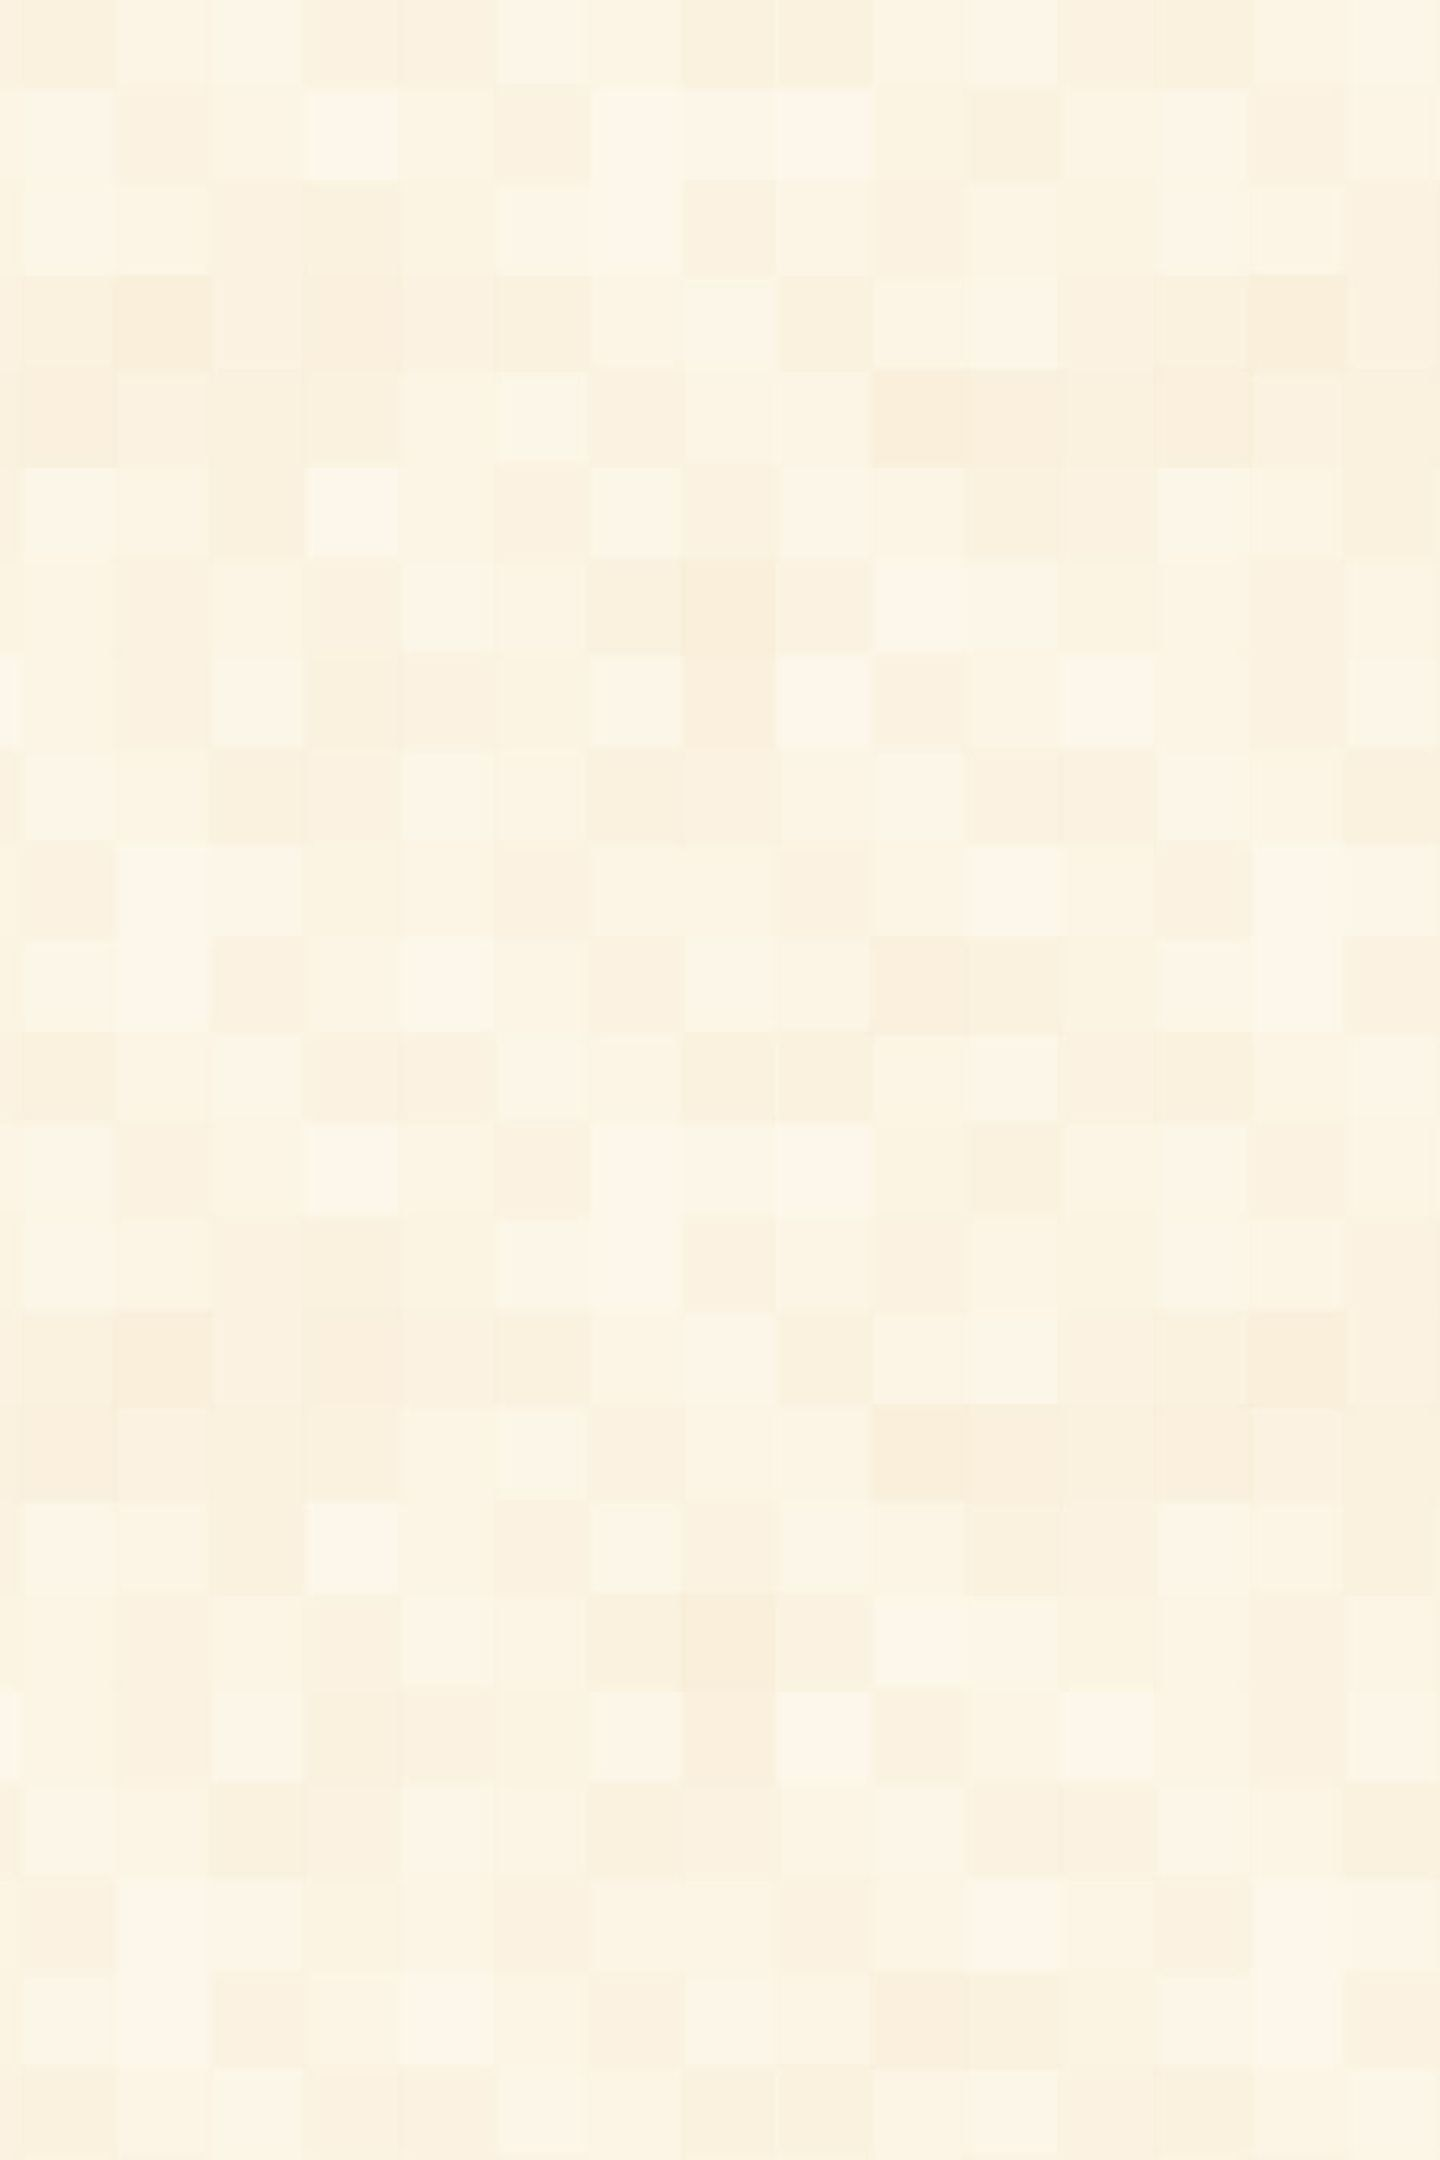 tiffani amber thiessen sehen, durch